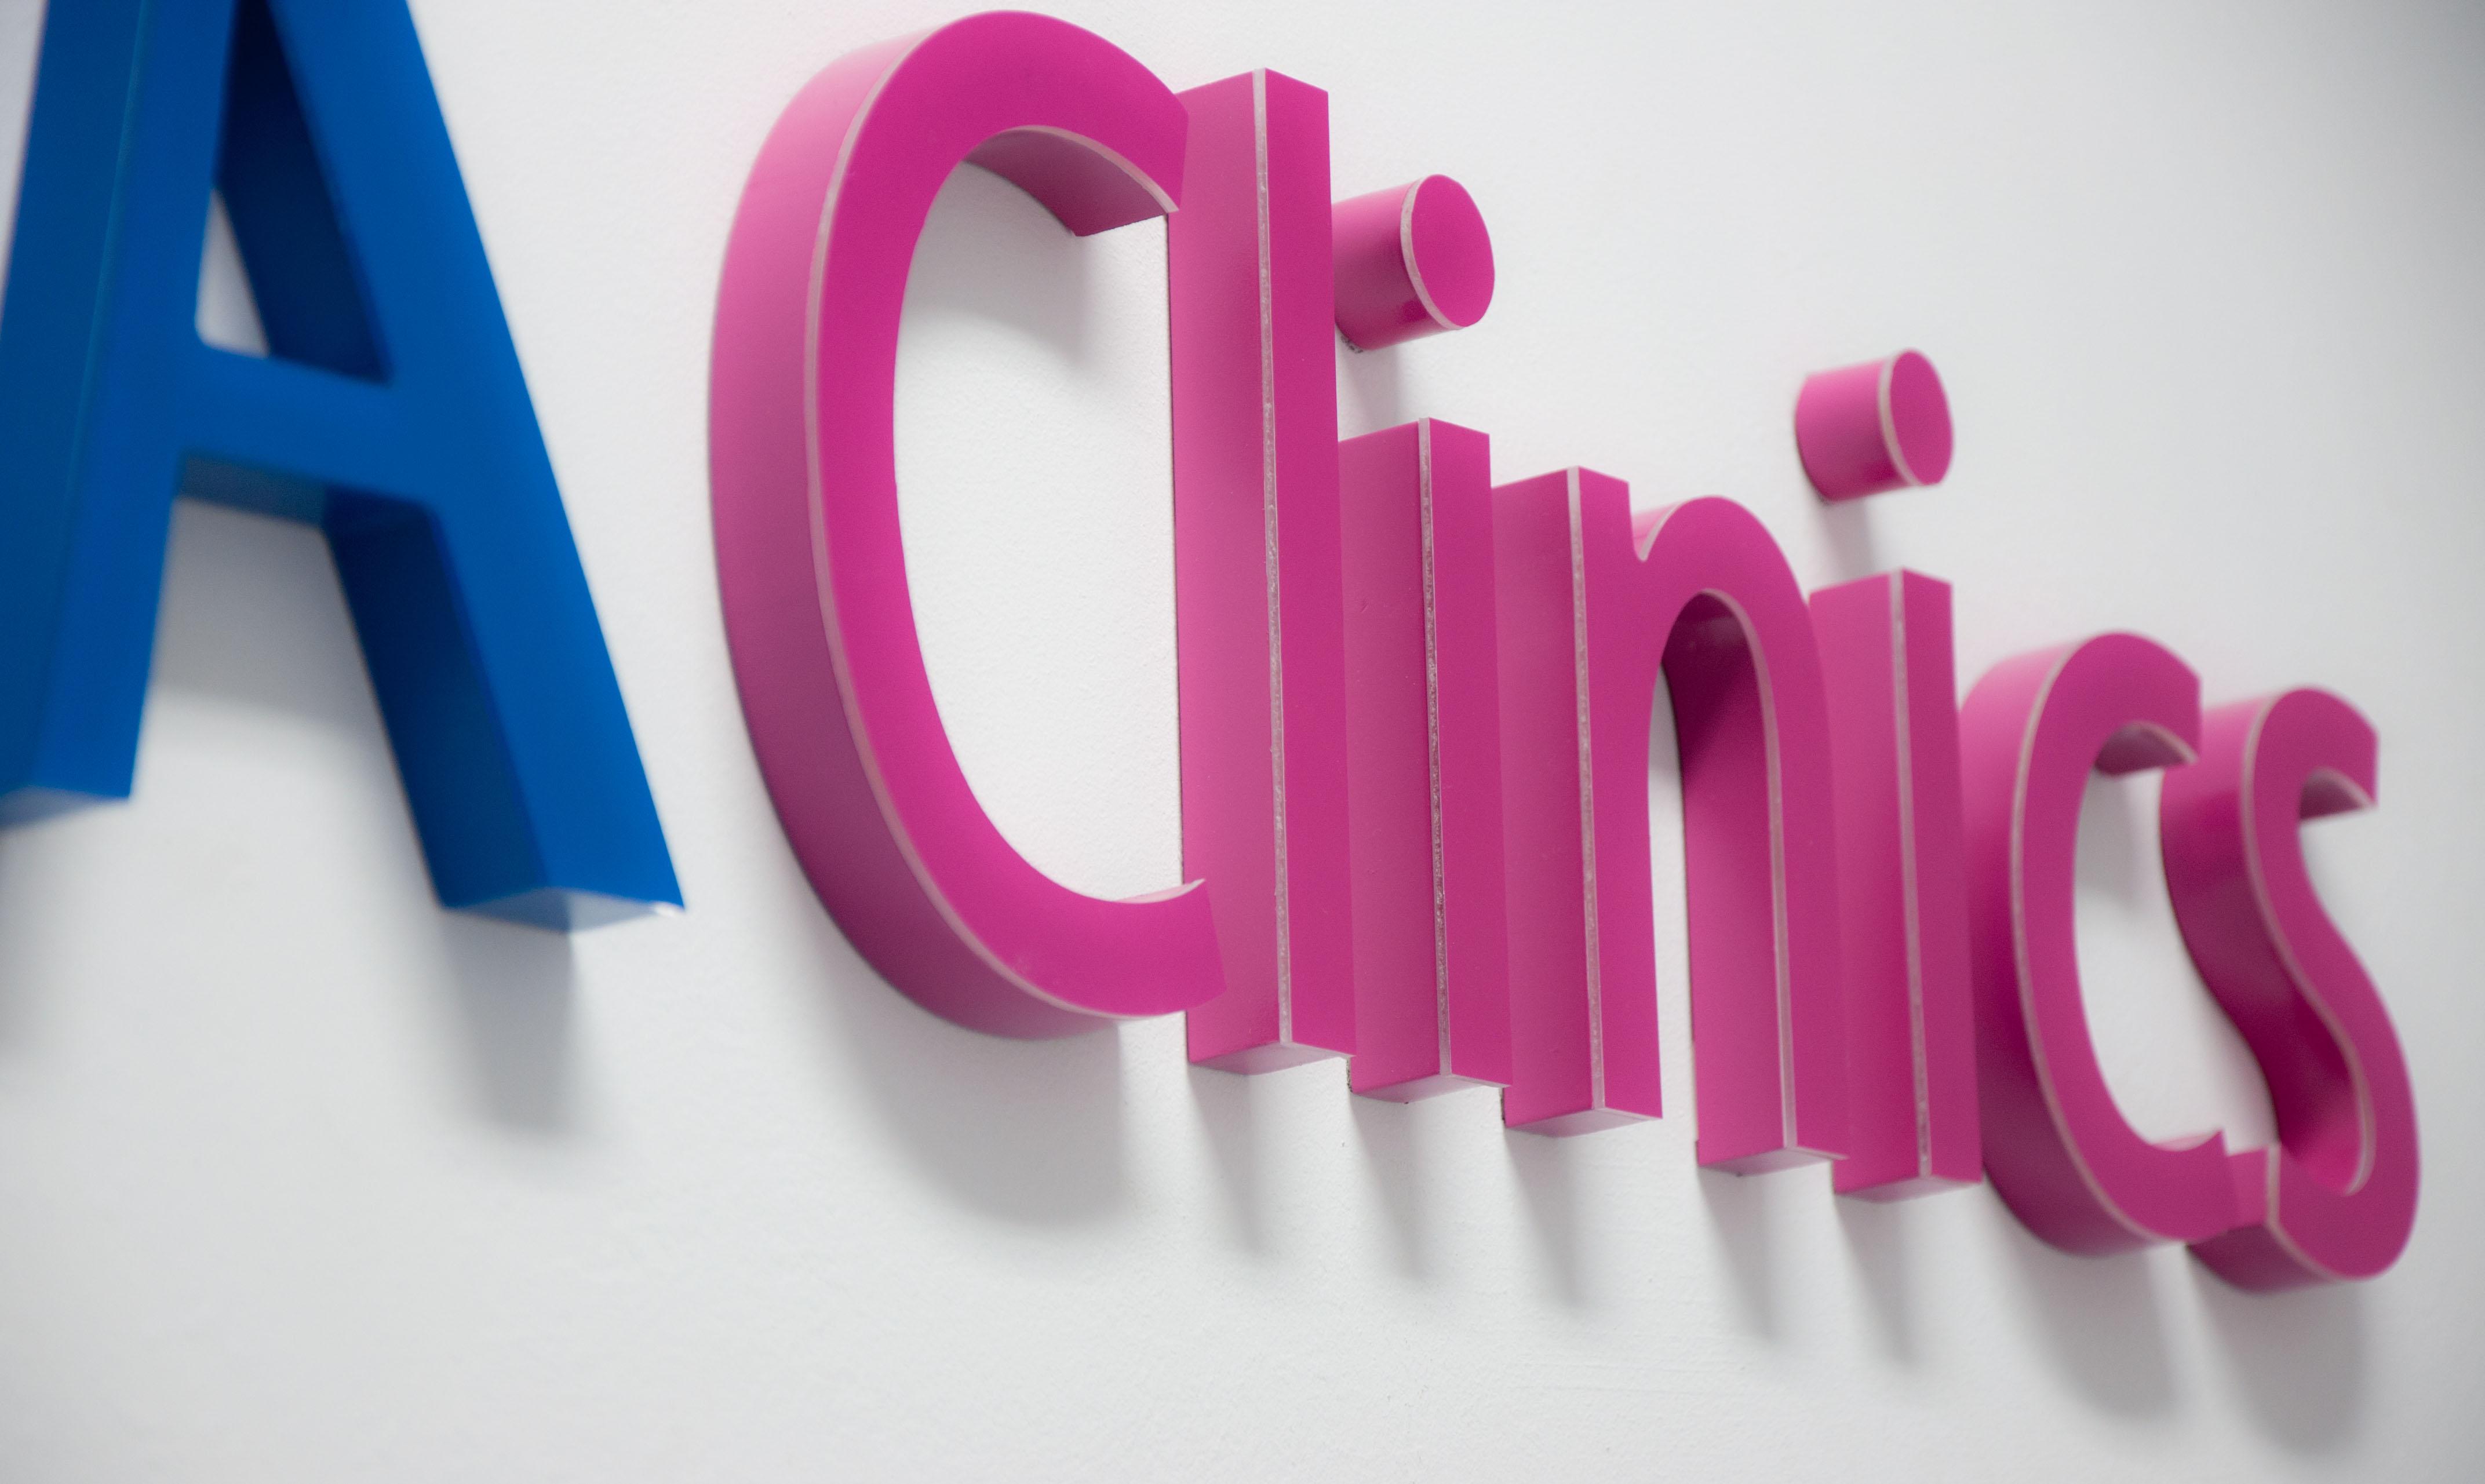 Alpha Clinics